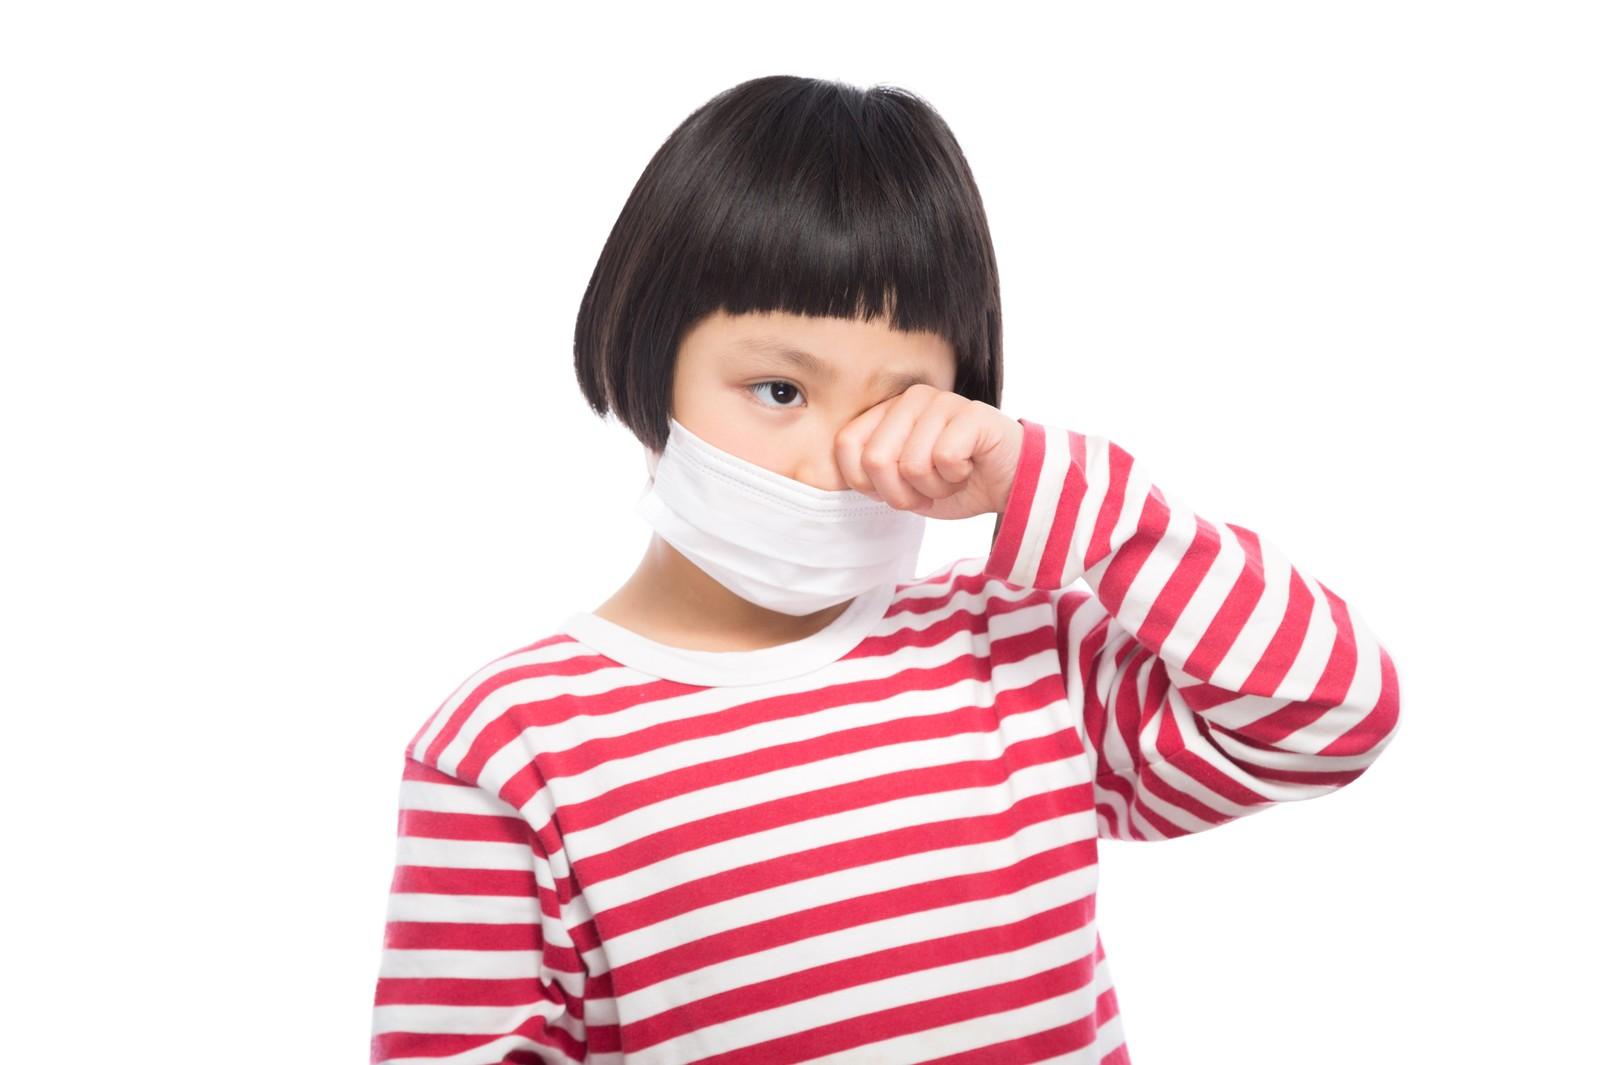 【健康 新型コロナウイルス】幼児・子供がマスクをしてくれない!そんなときの対処法